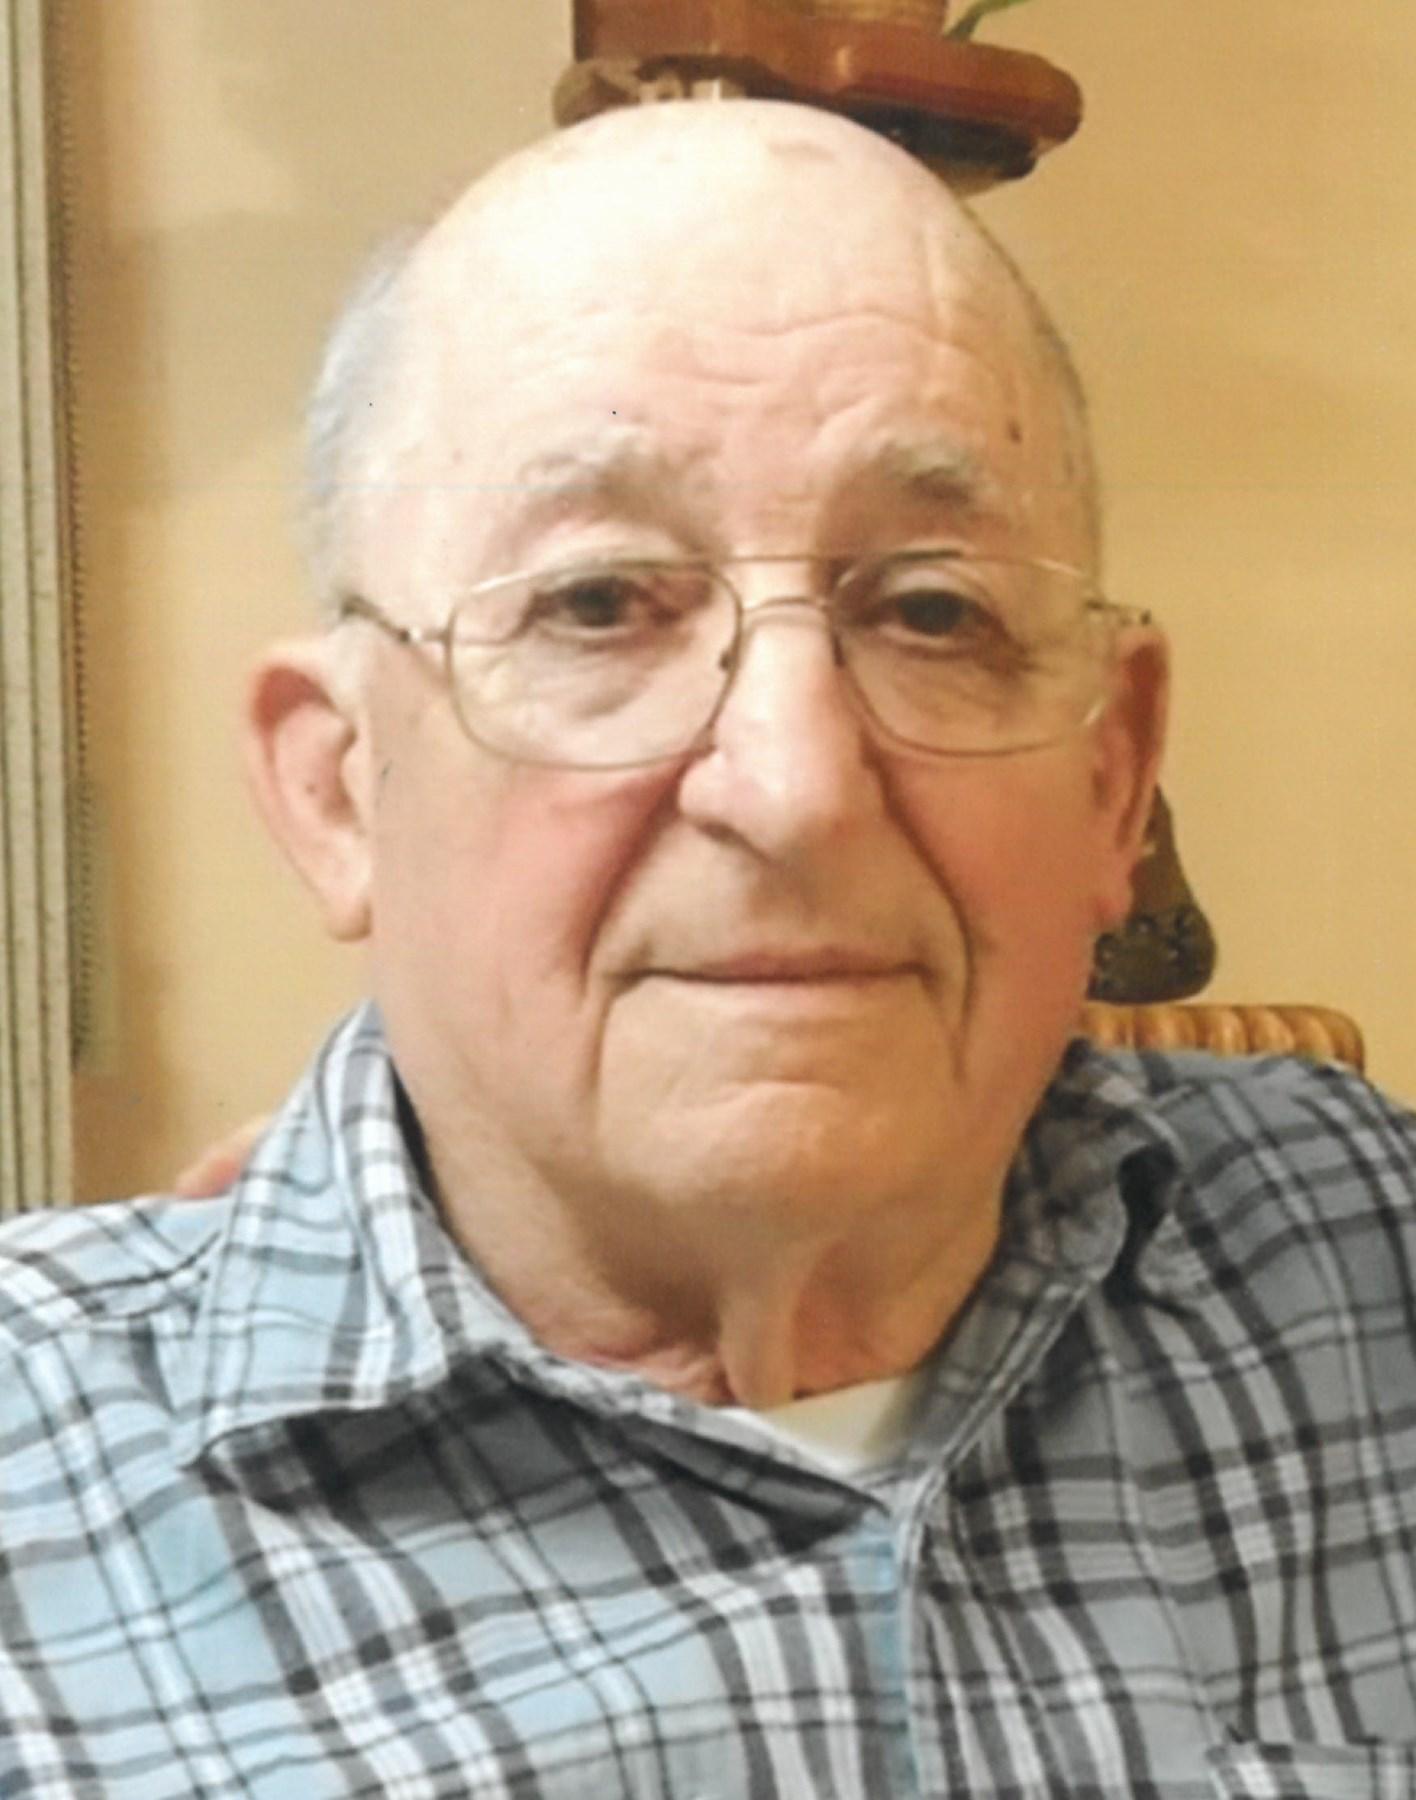 André R  Bedard Obituary - St-Lambert, QC